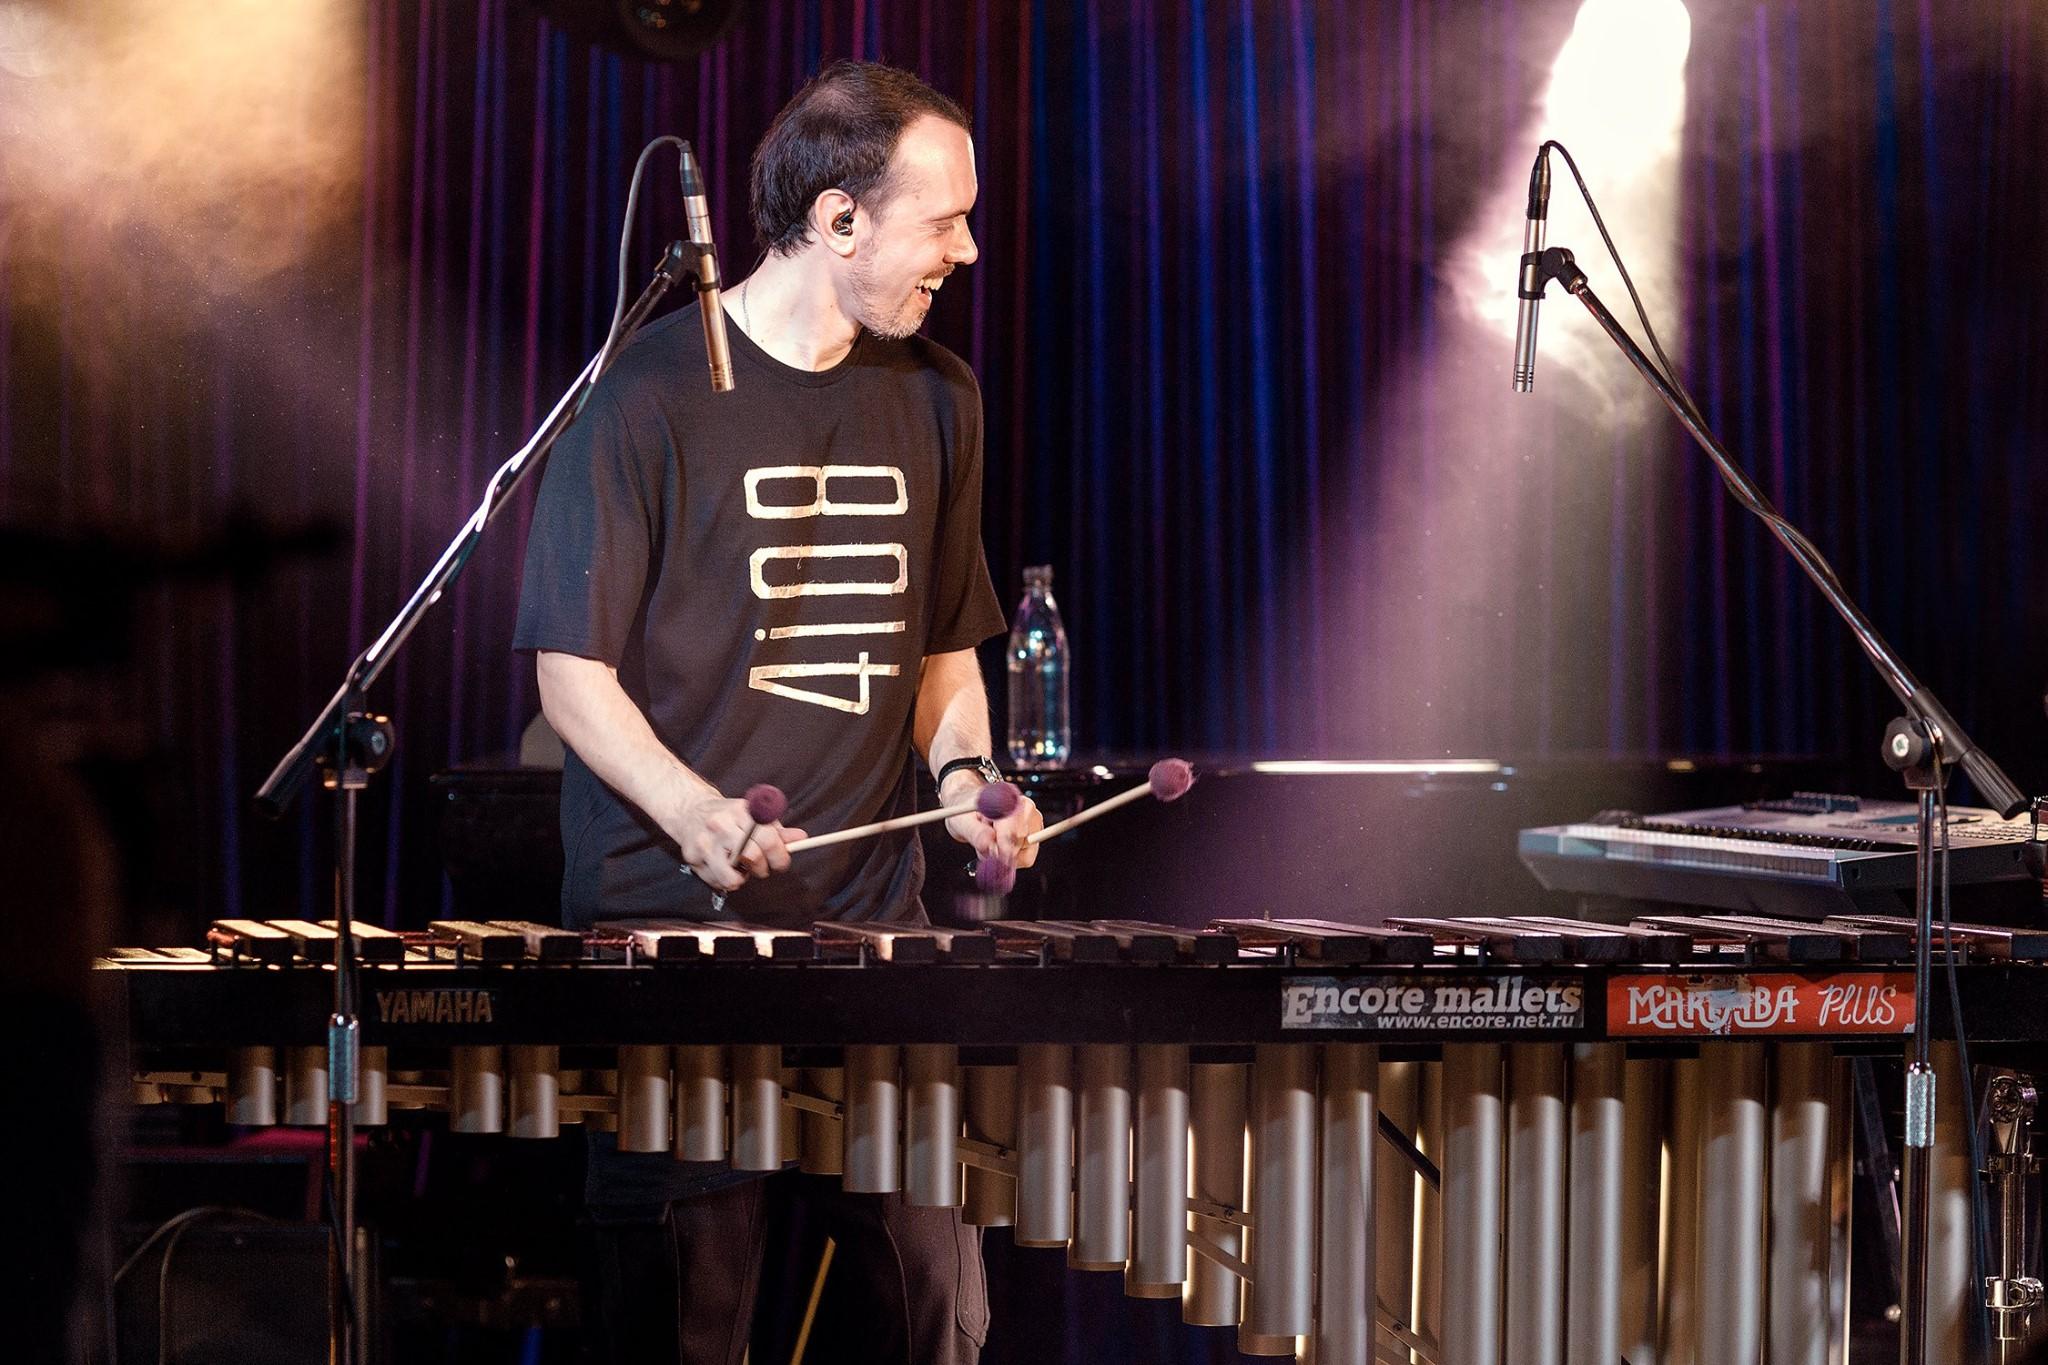 Marimba Plus, lev slepner